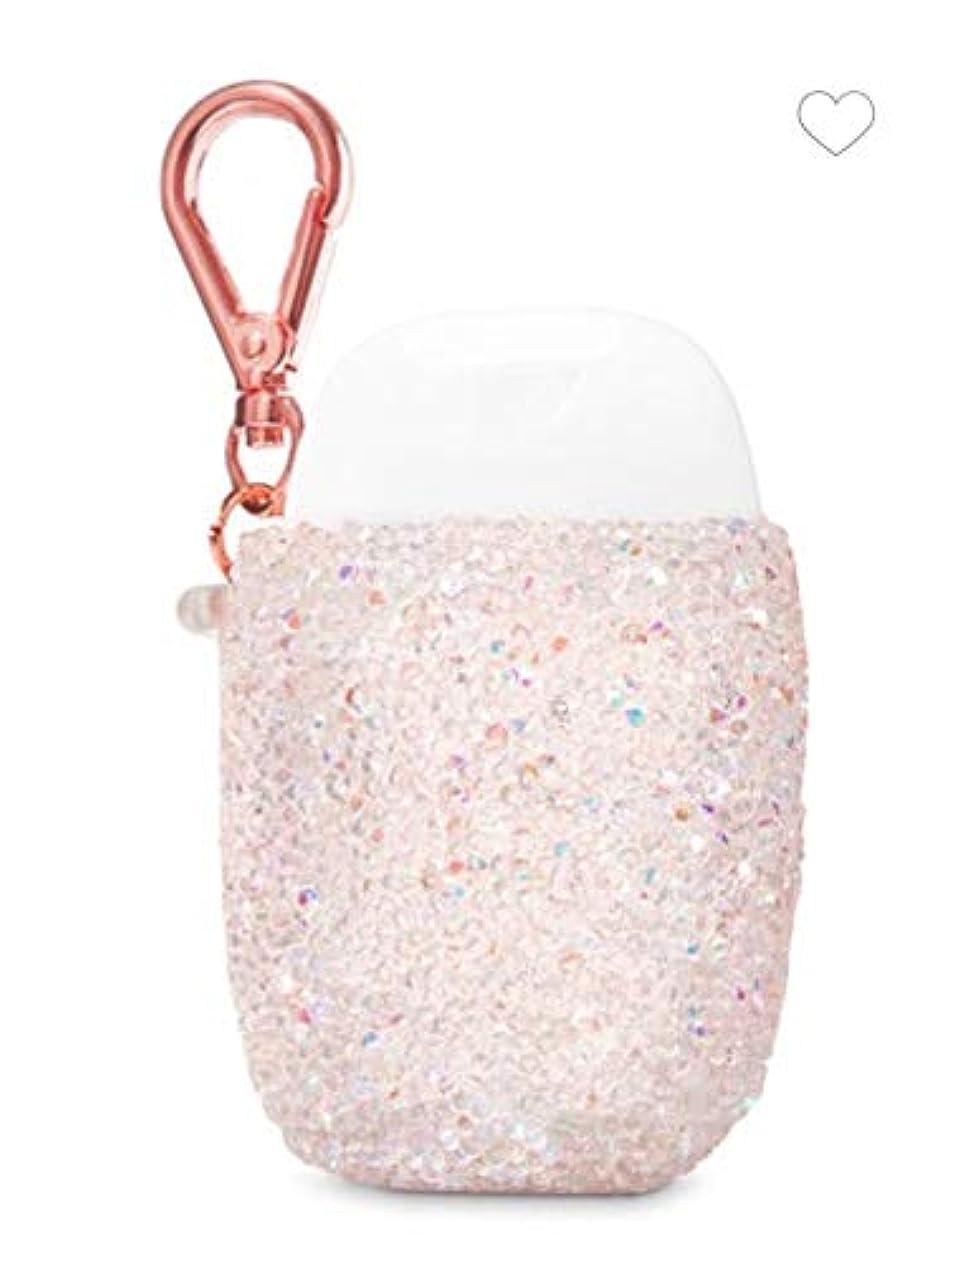 矢もう一度グレード【Bath&Body Works/バス&ボディワークス】 抗菌ハンドジェルホルダー ピンクジェム Pocketbac Holder Pink Gem [並行輸入品]